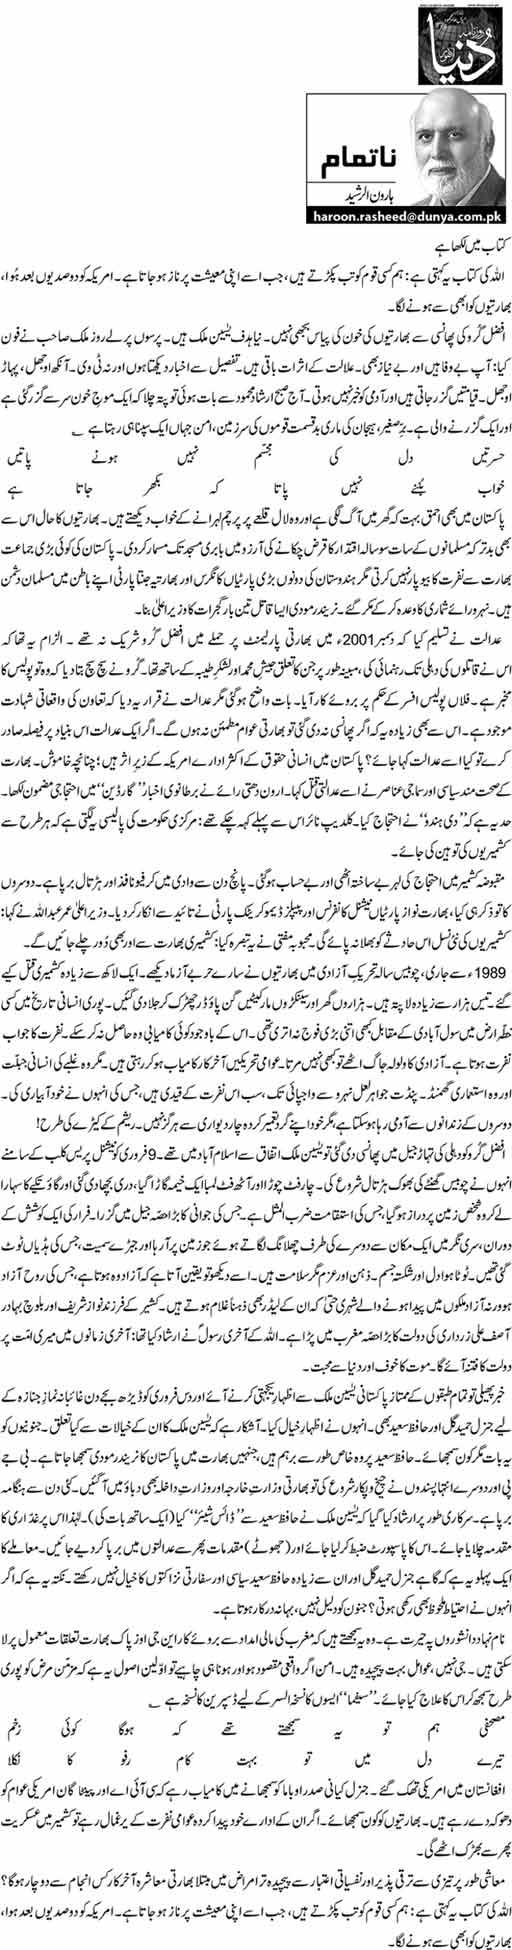 Kitab main likha hai - Haroon-ur-Rasheed